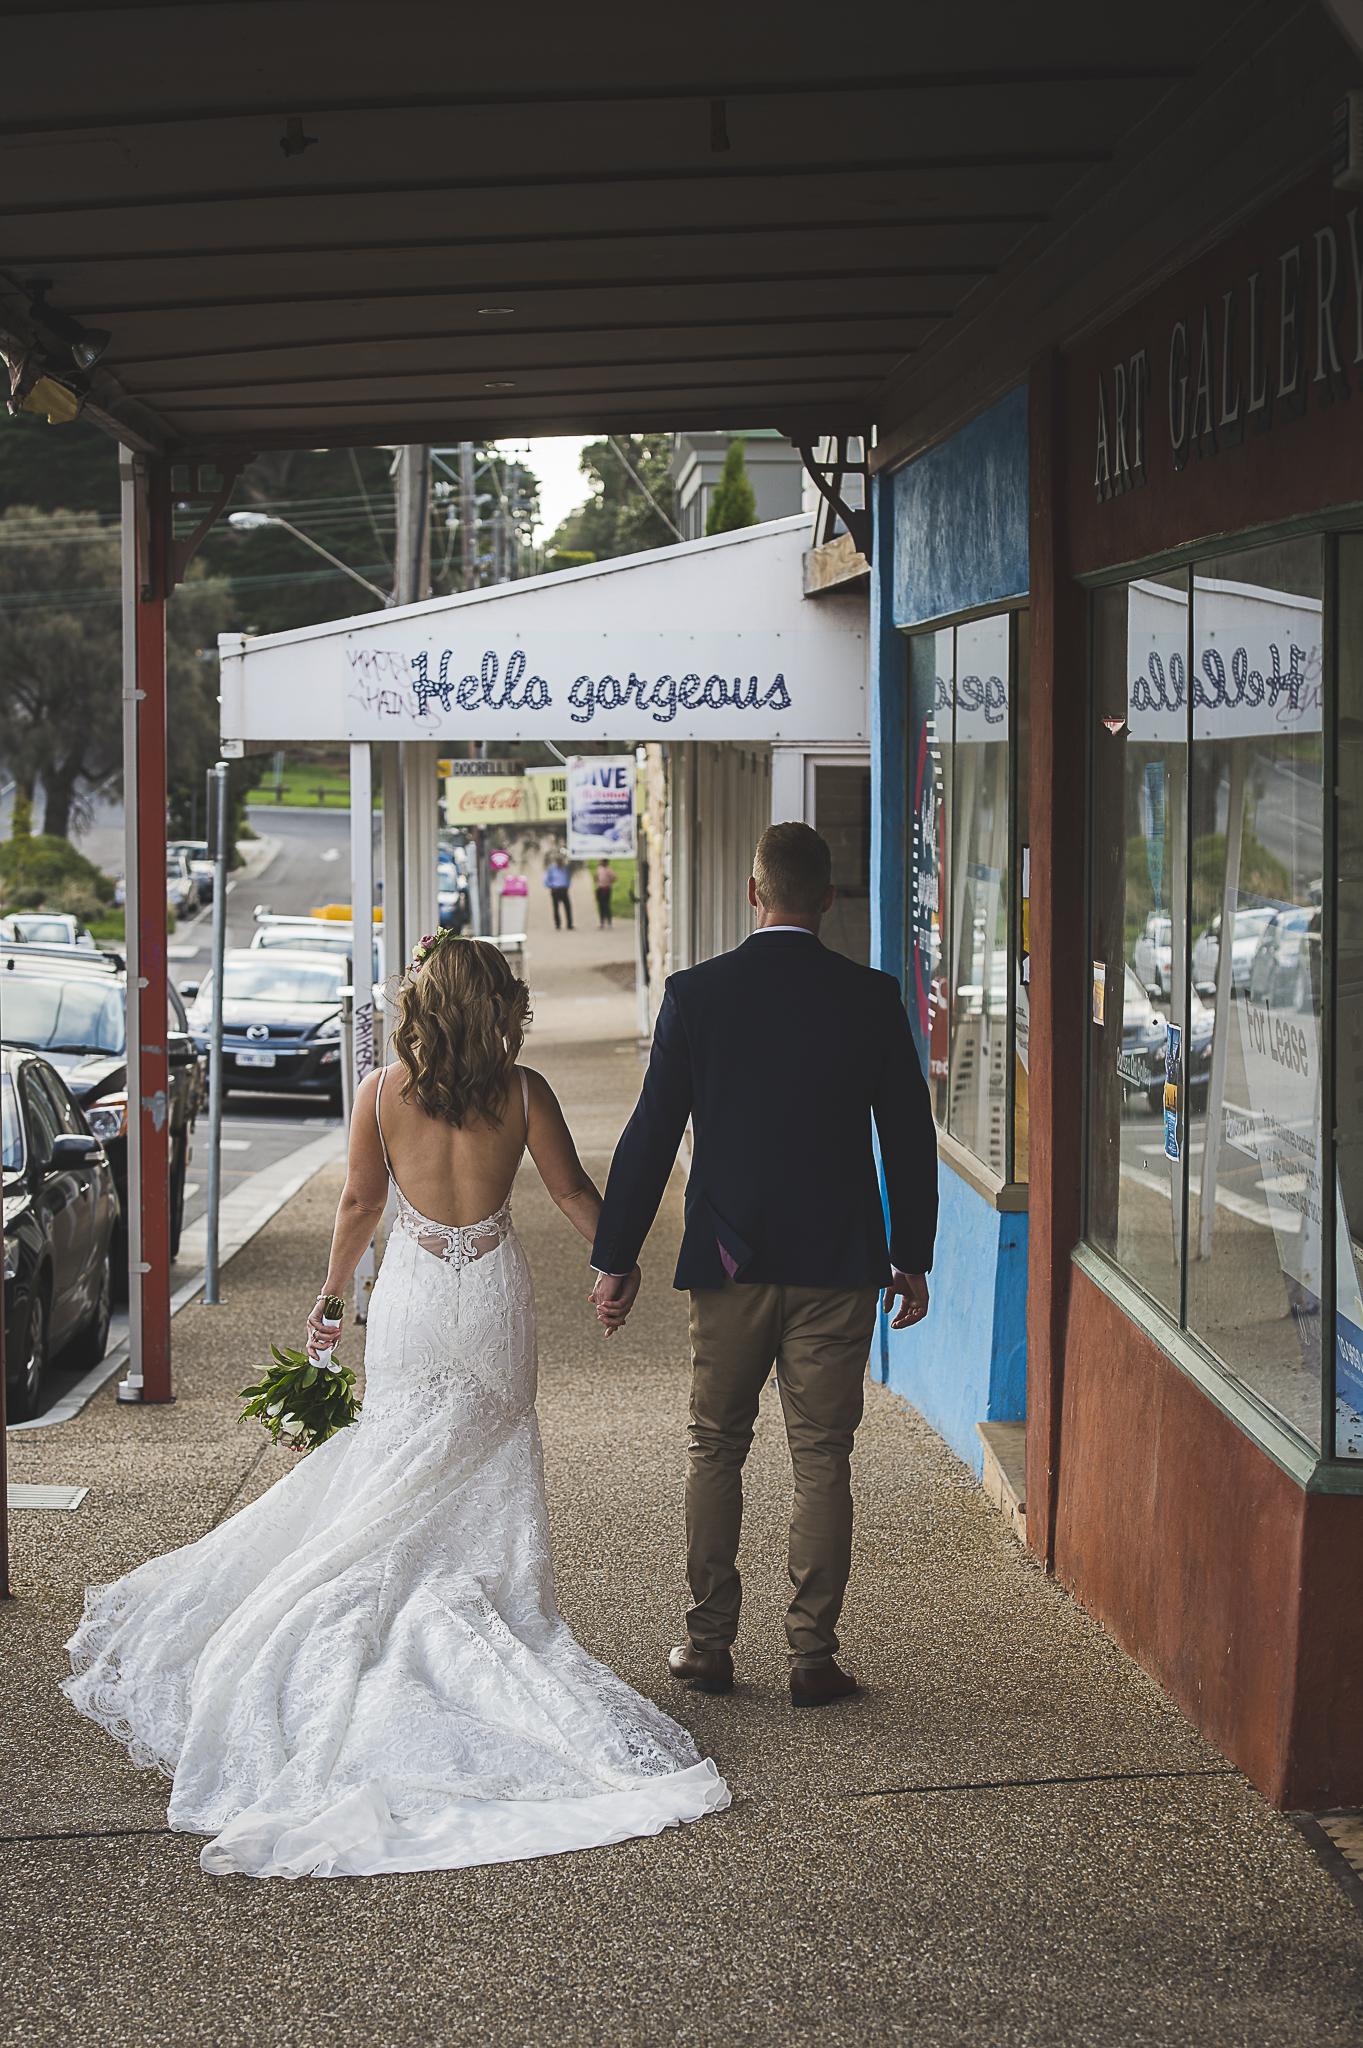 Mornington peninsular wedding